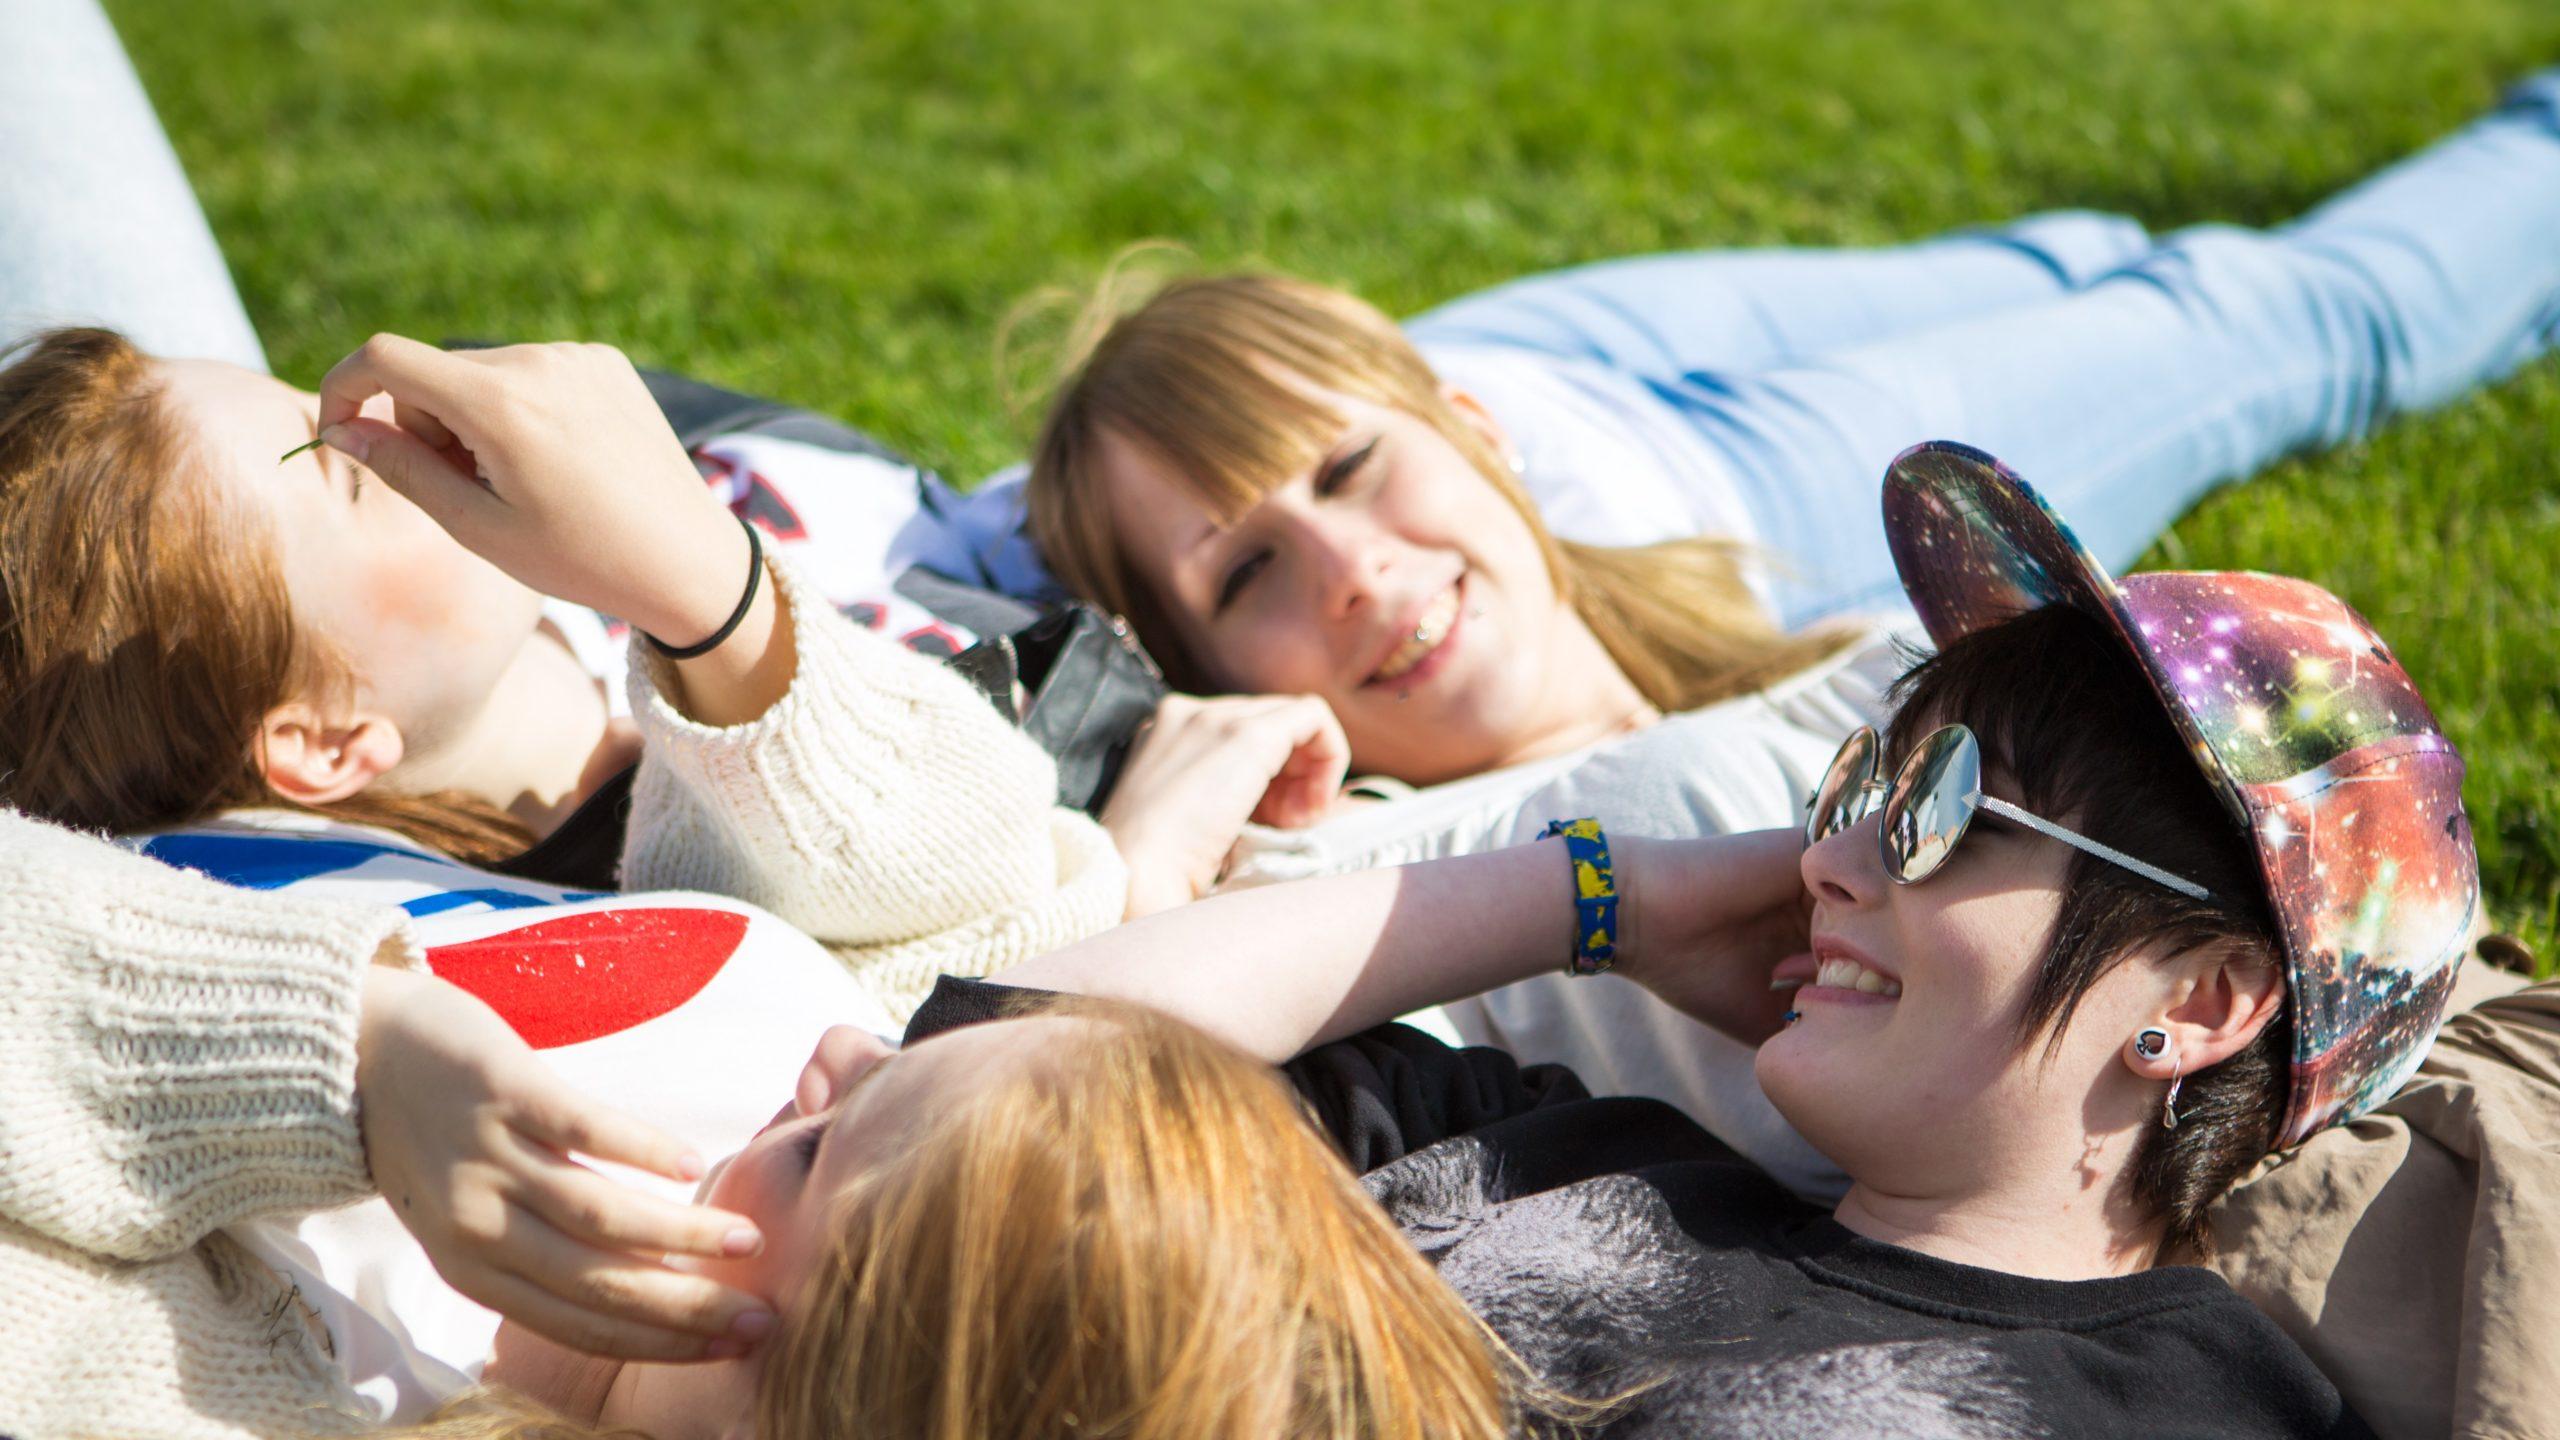 Joukko nuoria makoilevat lähekkäin nurmikolla auringonpaisteessa.